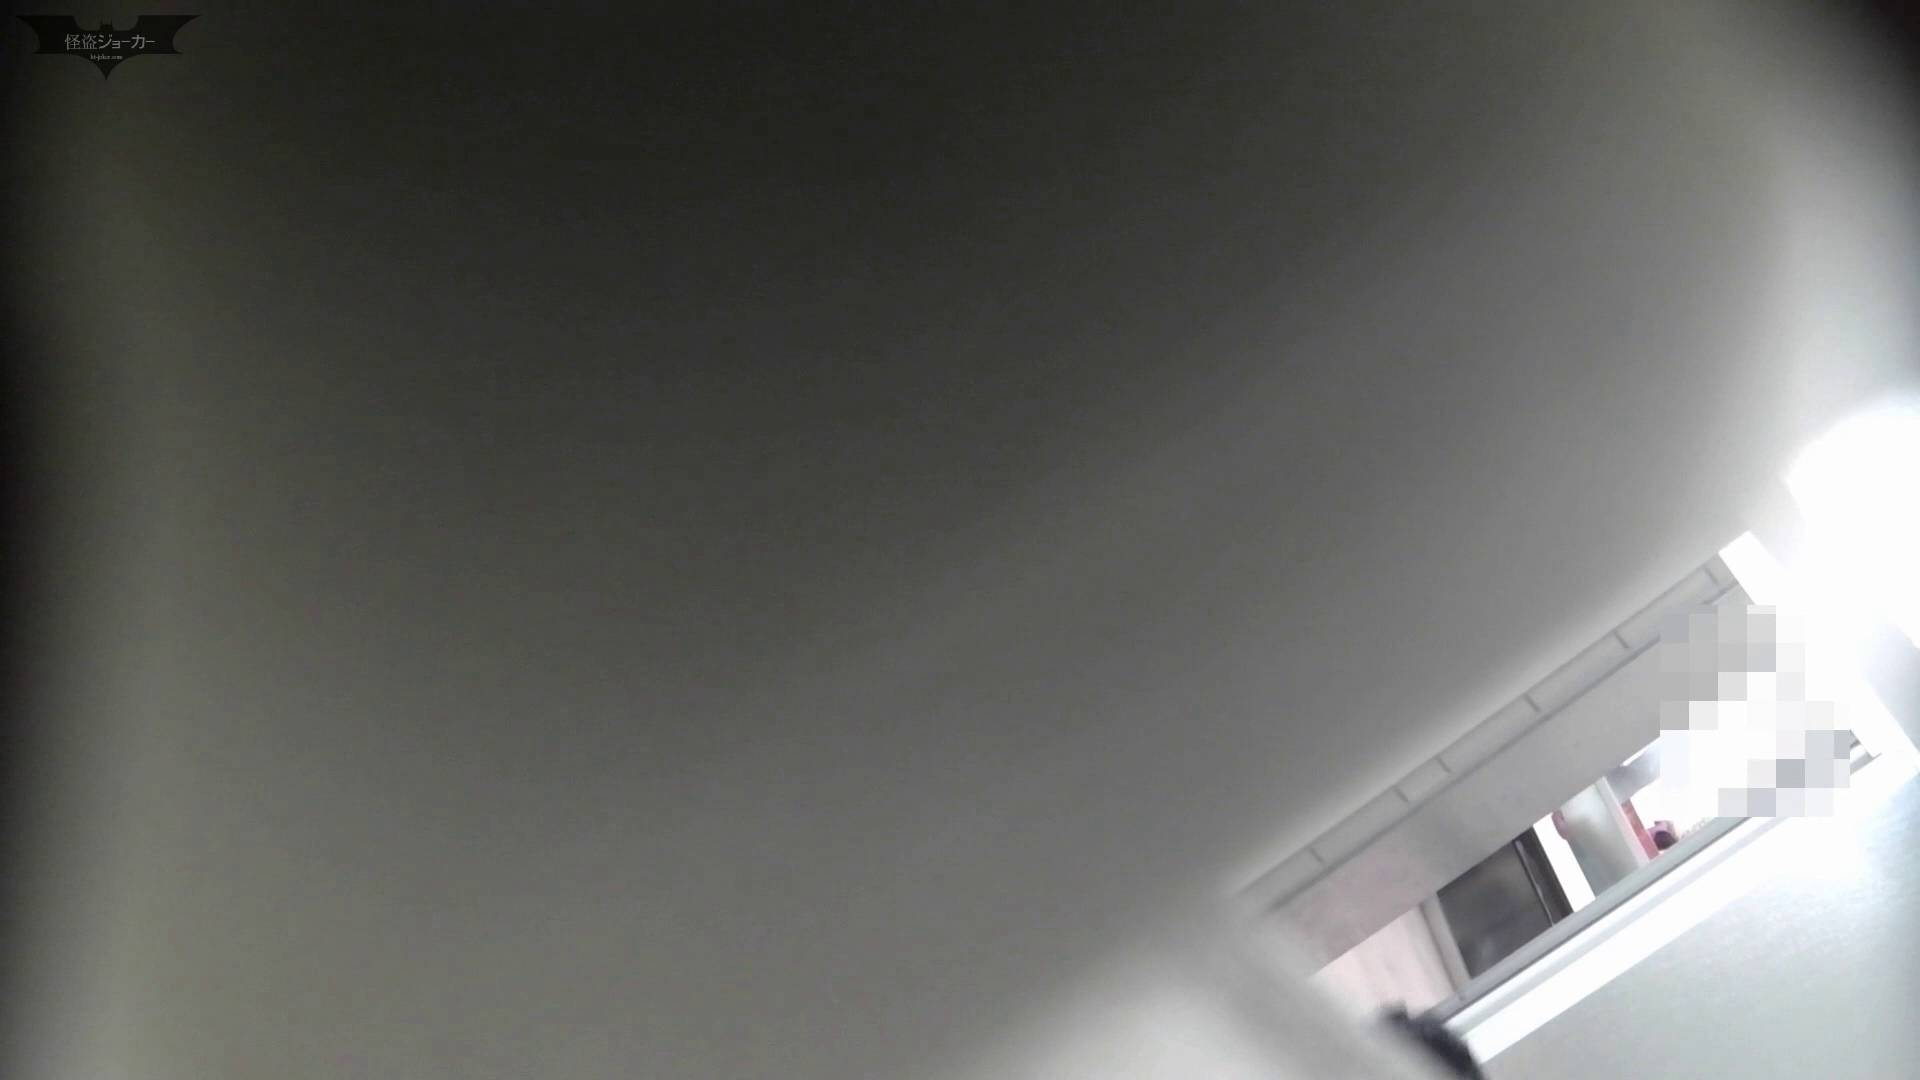 洗面所特攻隊 vol.66 珍事件発生!! 「指」で出【2015・05位】 高画質  83PIX 60